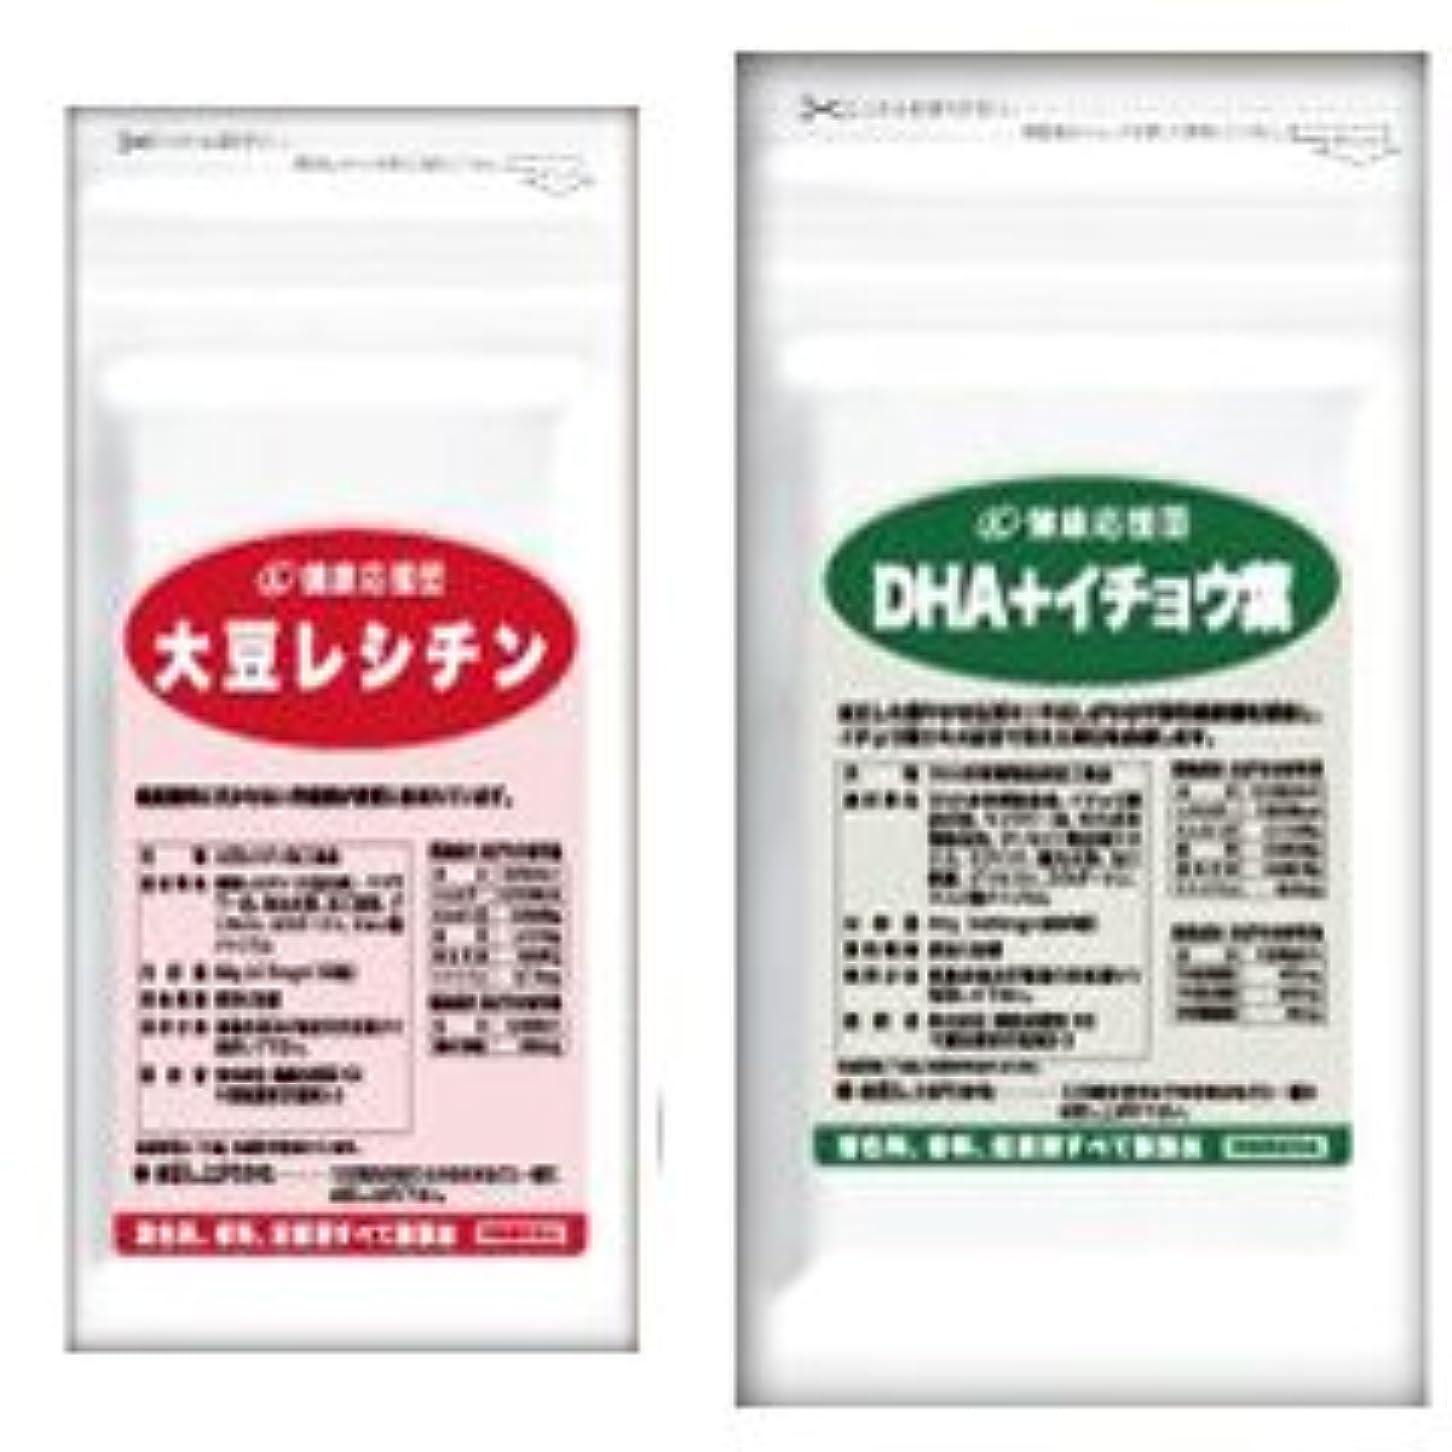 保全怠口流れサラサラセット 大豆レシチン+(DHA+イチョウ葉) (DHA?EPA?イチョウ葉)